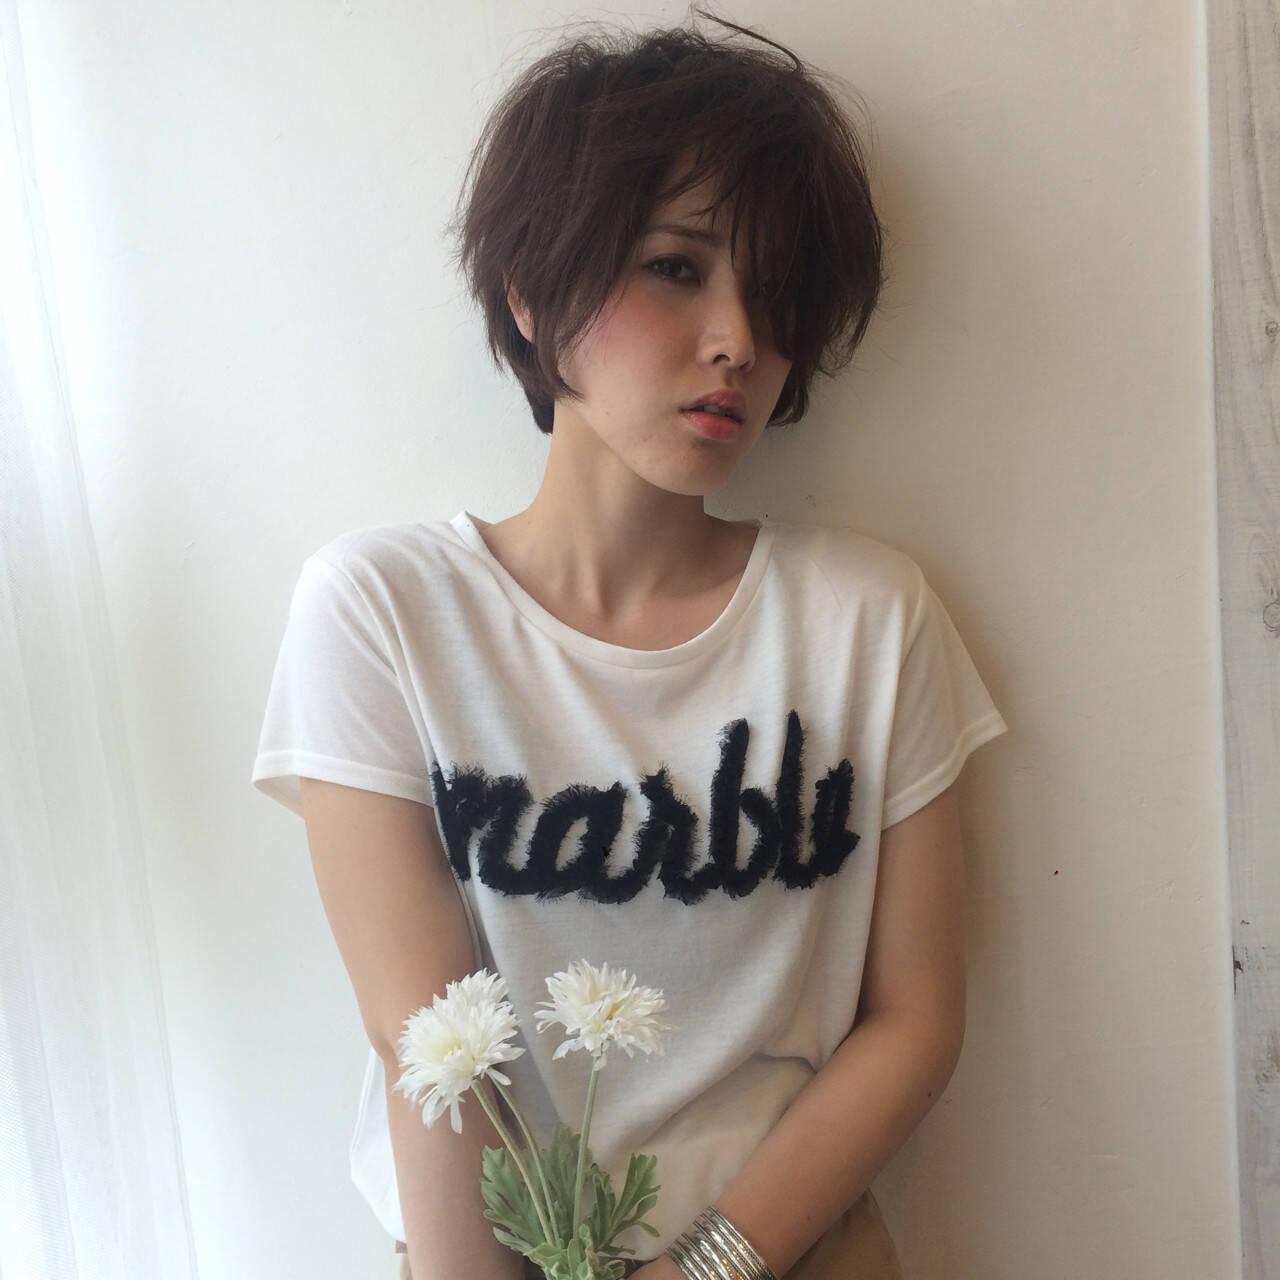 ショート モード 小顔 似合わせヘアスタイルや髪型の写真・画像